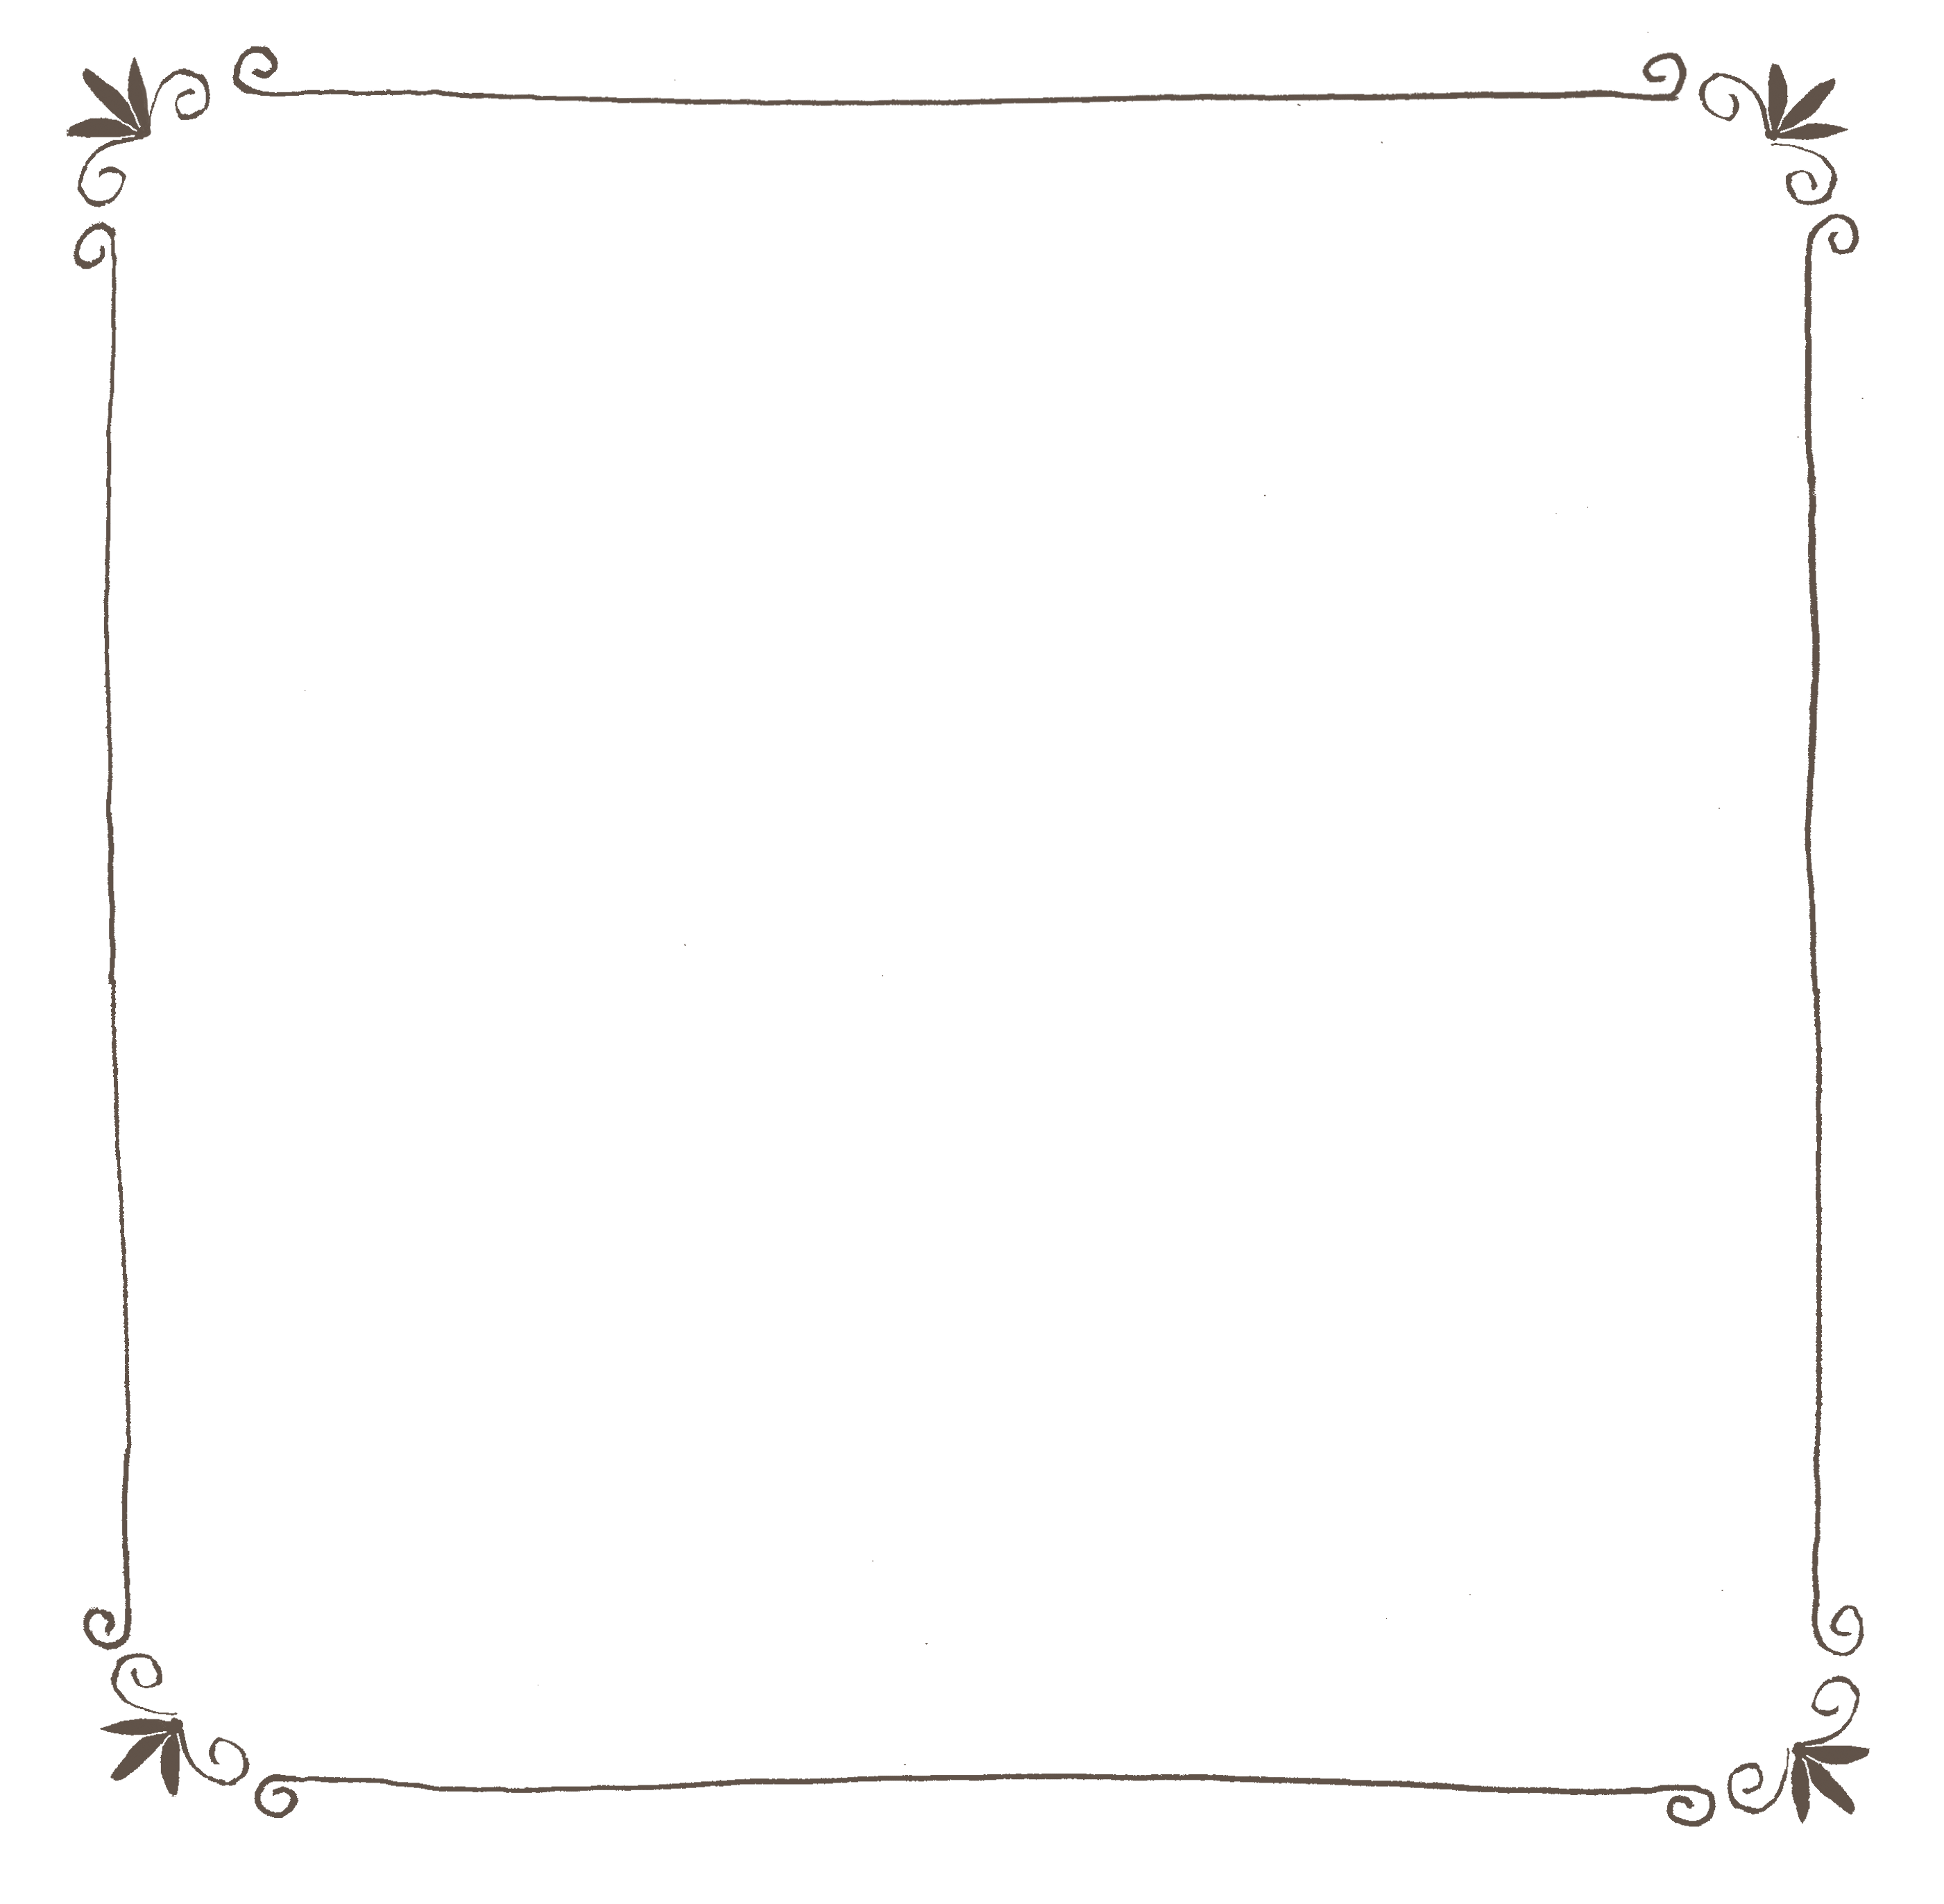 赤ちゃんのフォトブックスタンプ素材:枠・フレーム・シンプル